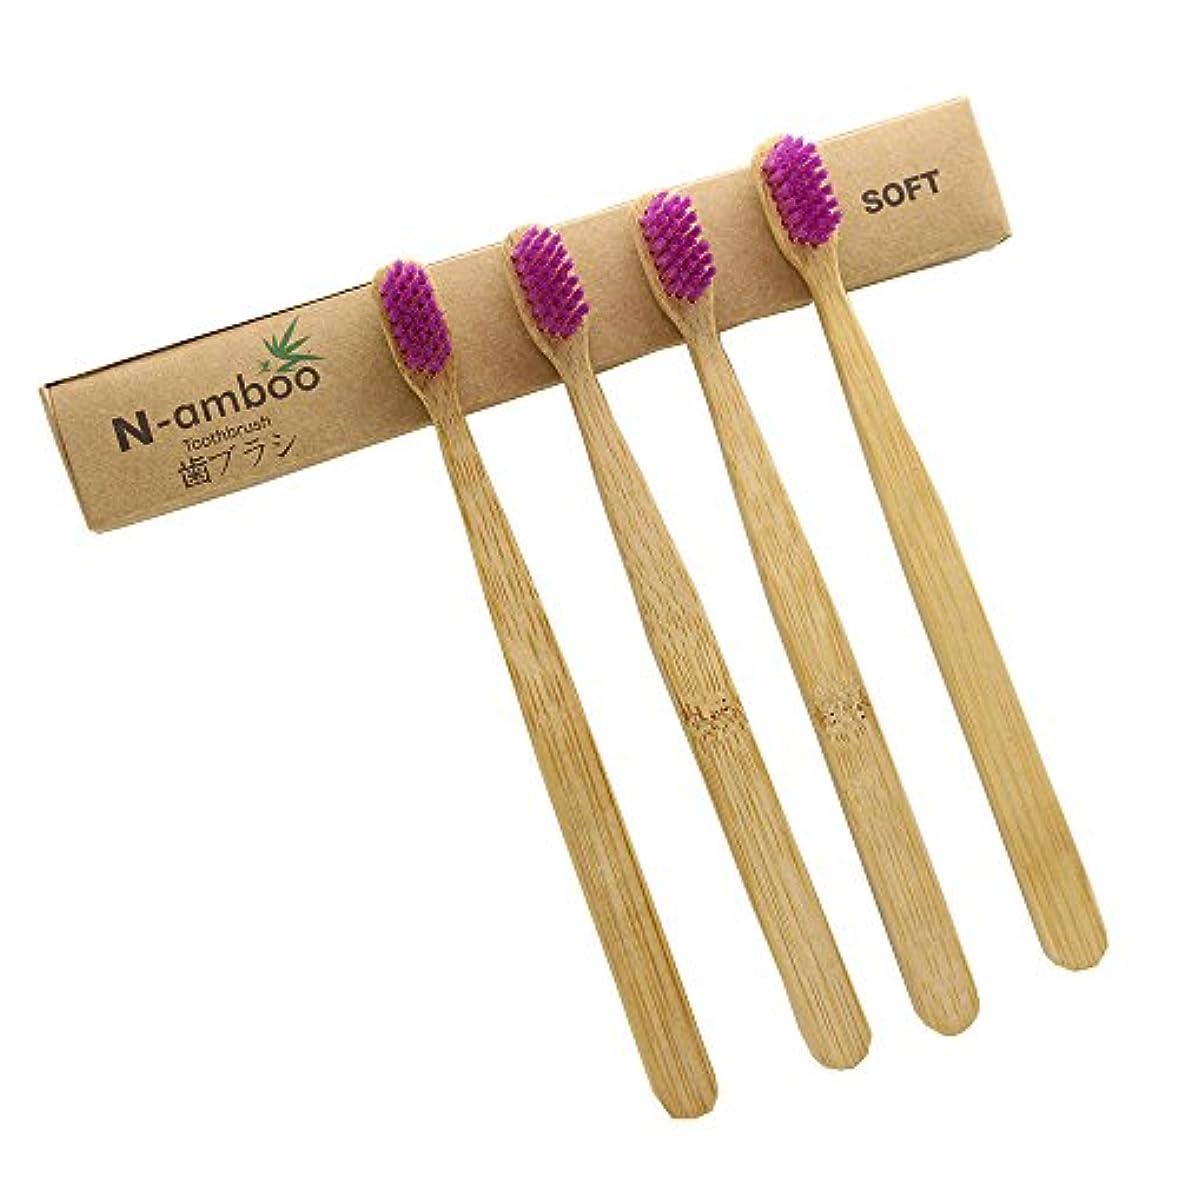 スケート許される円周N-amboo 竹製 歯ブラシ 高耐久性 むらさきいろ エコ 色あざやか (4本)